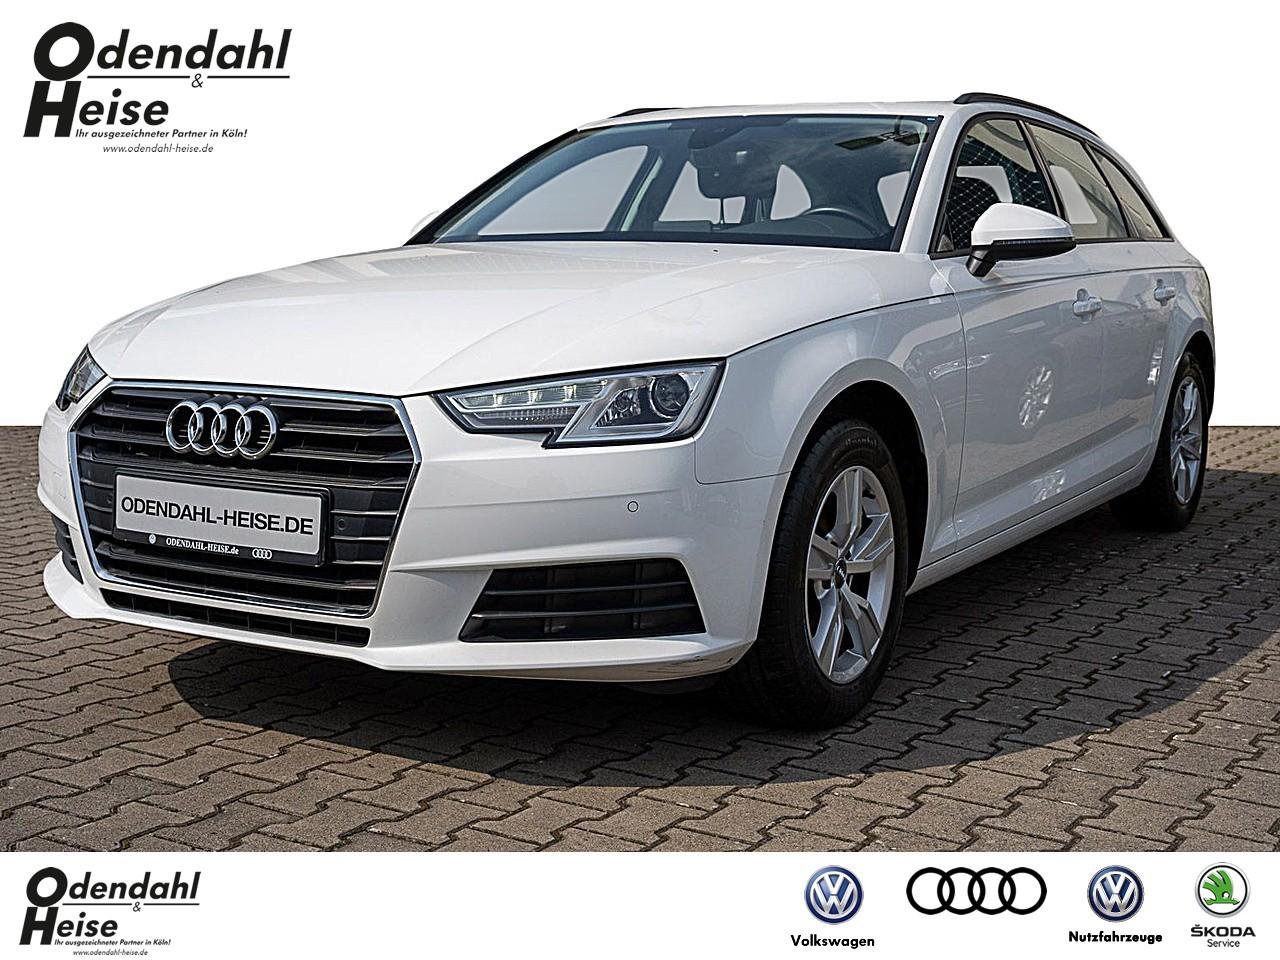 Audi A4 Avant 1.4 TFSI Klima Xenon Navi Einparkhilfe, Jahr 2018, Benzin